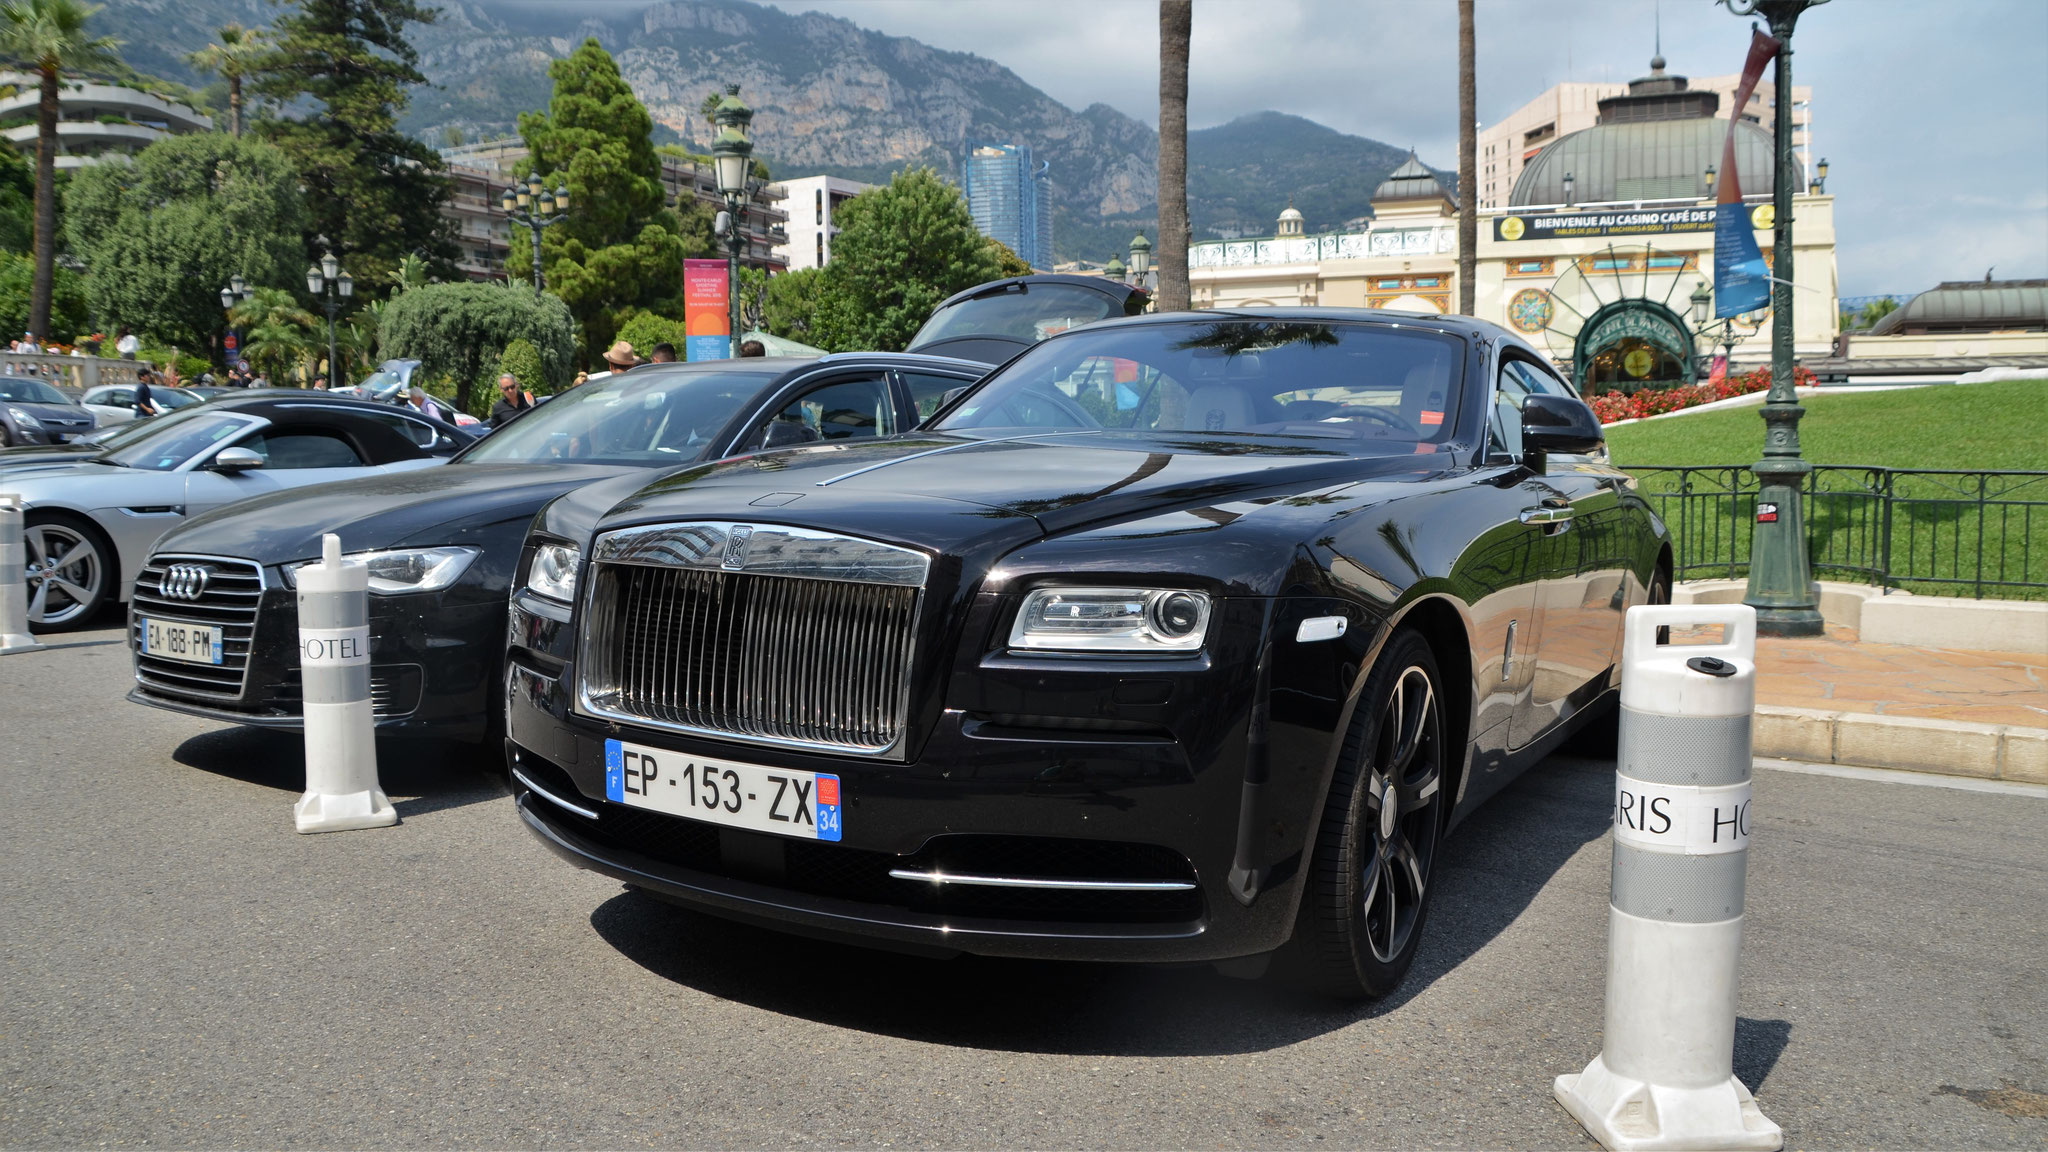 Rolls Royce Wraith - EP-153-ZX-34 (FRA)